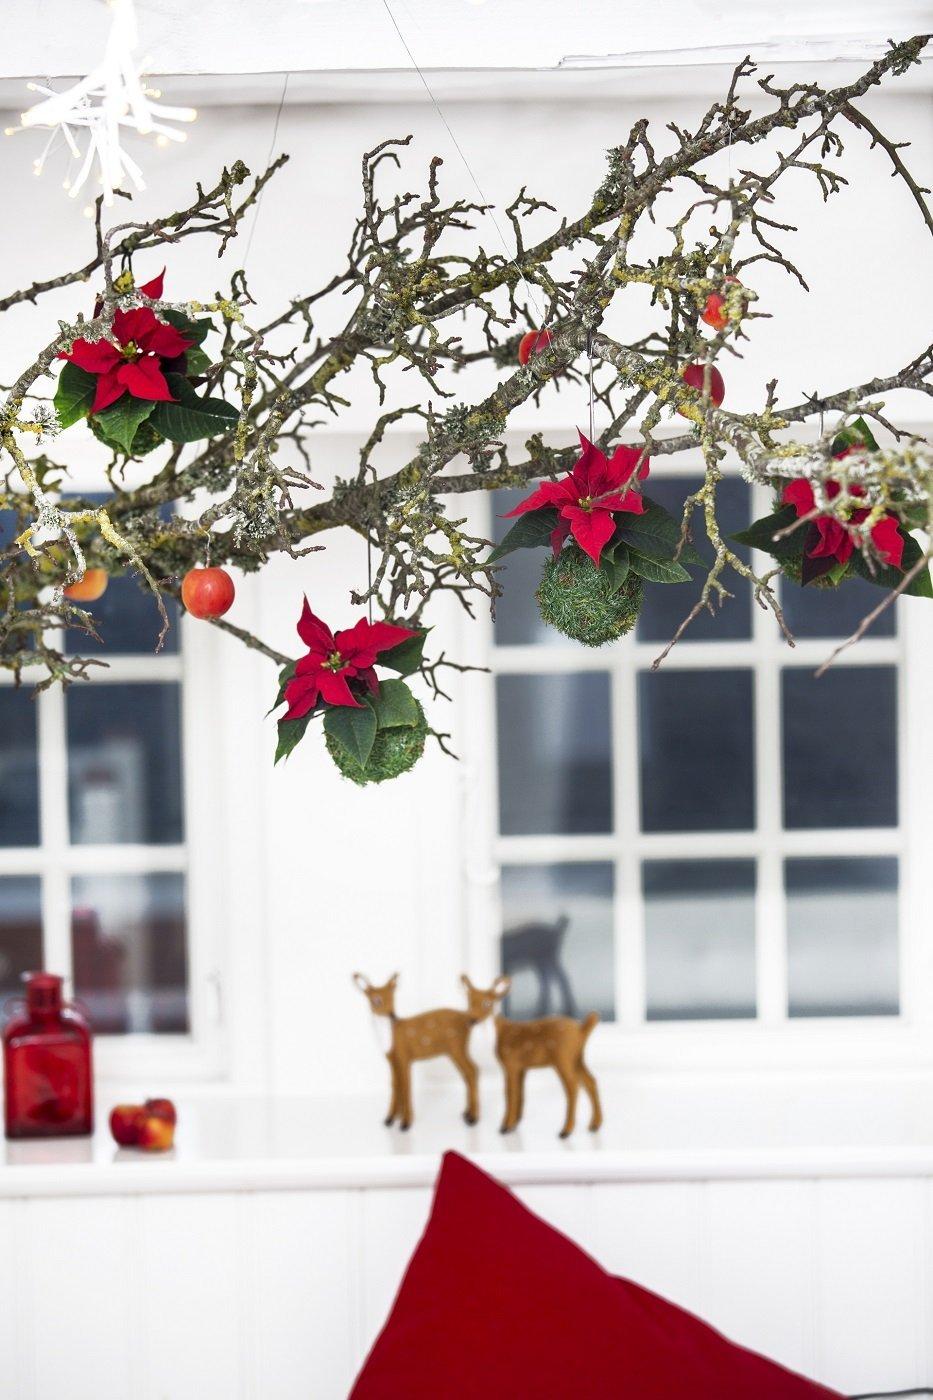 Stella di natale come decorare casa per le feste cose di casa - Decorare finestre per natale ...